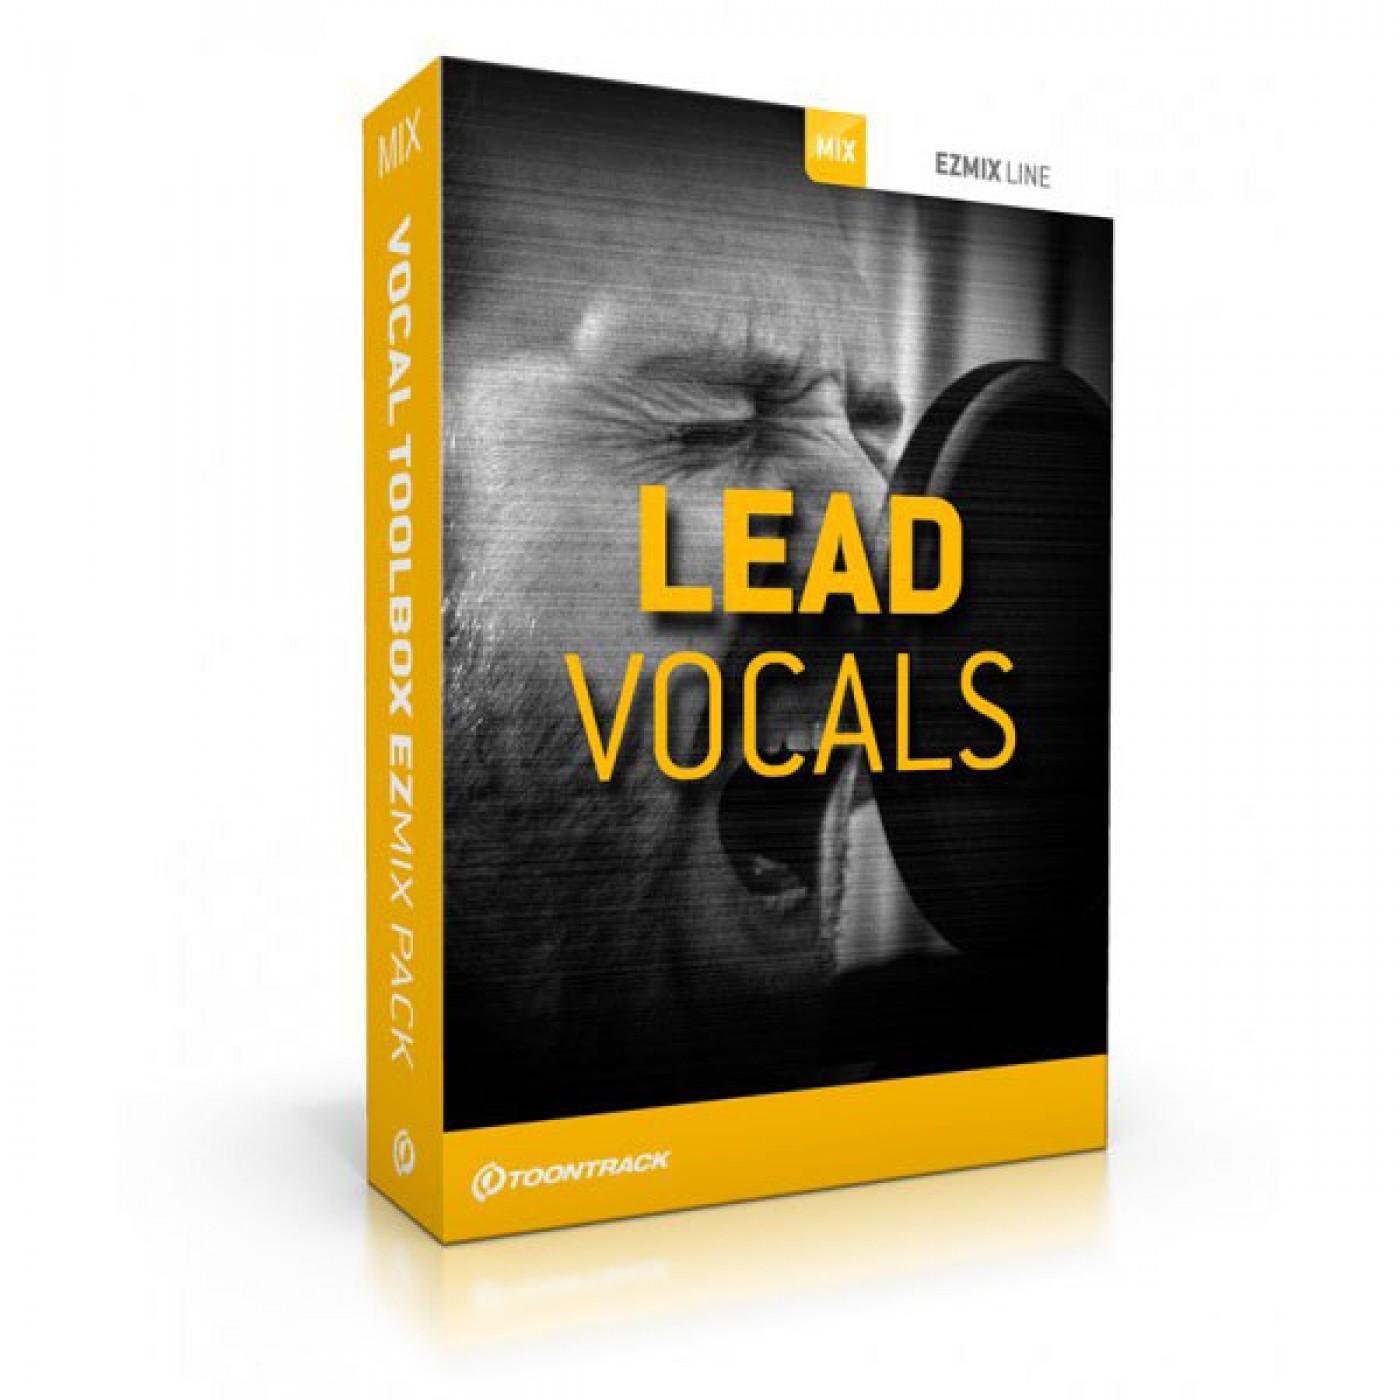 Toontrack EZmix 2 Lead Vocals Preset Pack